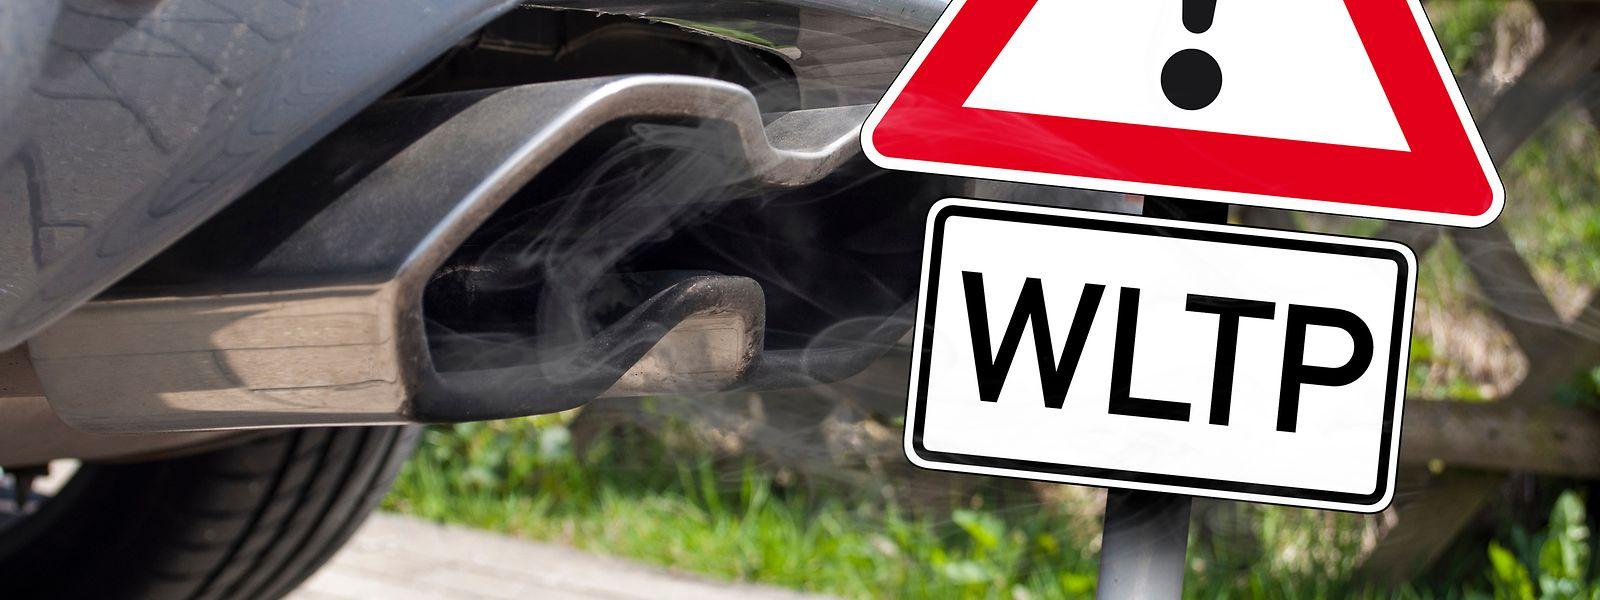 Die Autosteuer wird an die neue Verbrauchsnorm WLTP angepasst.